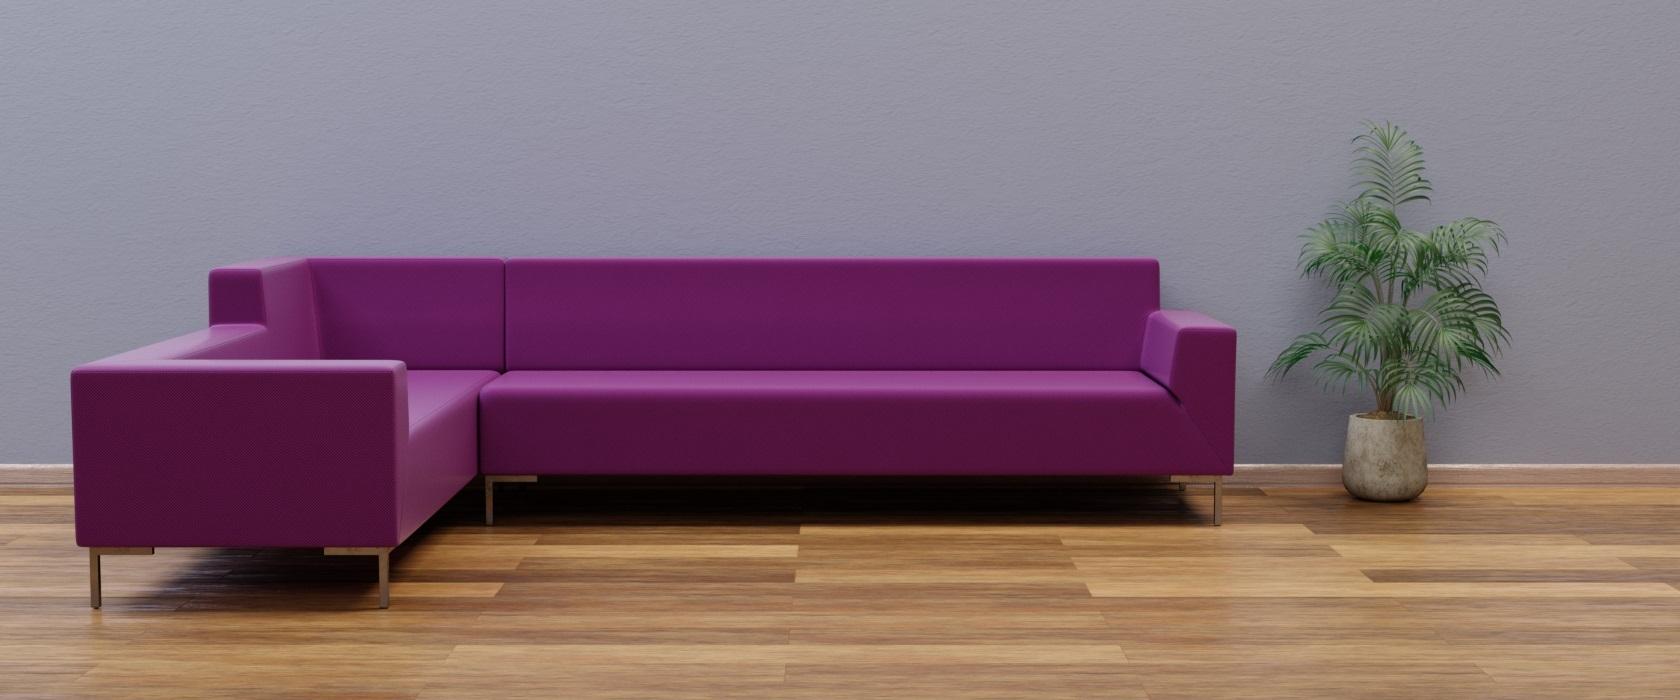 Угловой диван Livorno Mix - Фото 2 - Pufetto